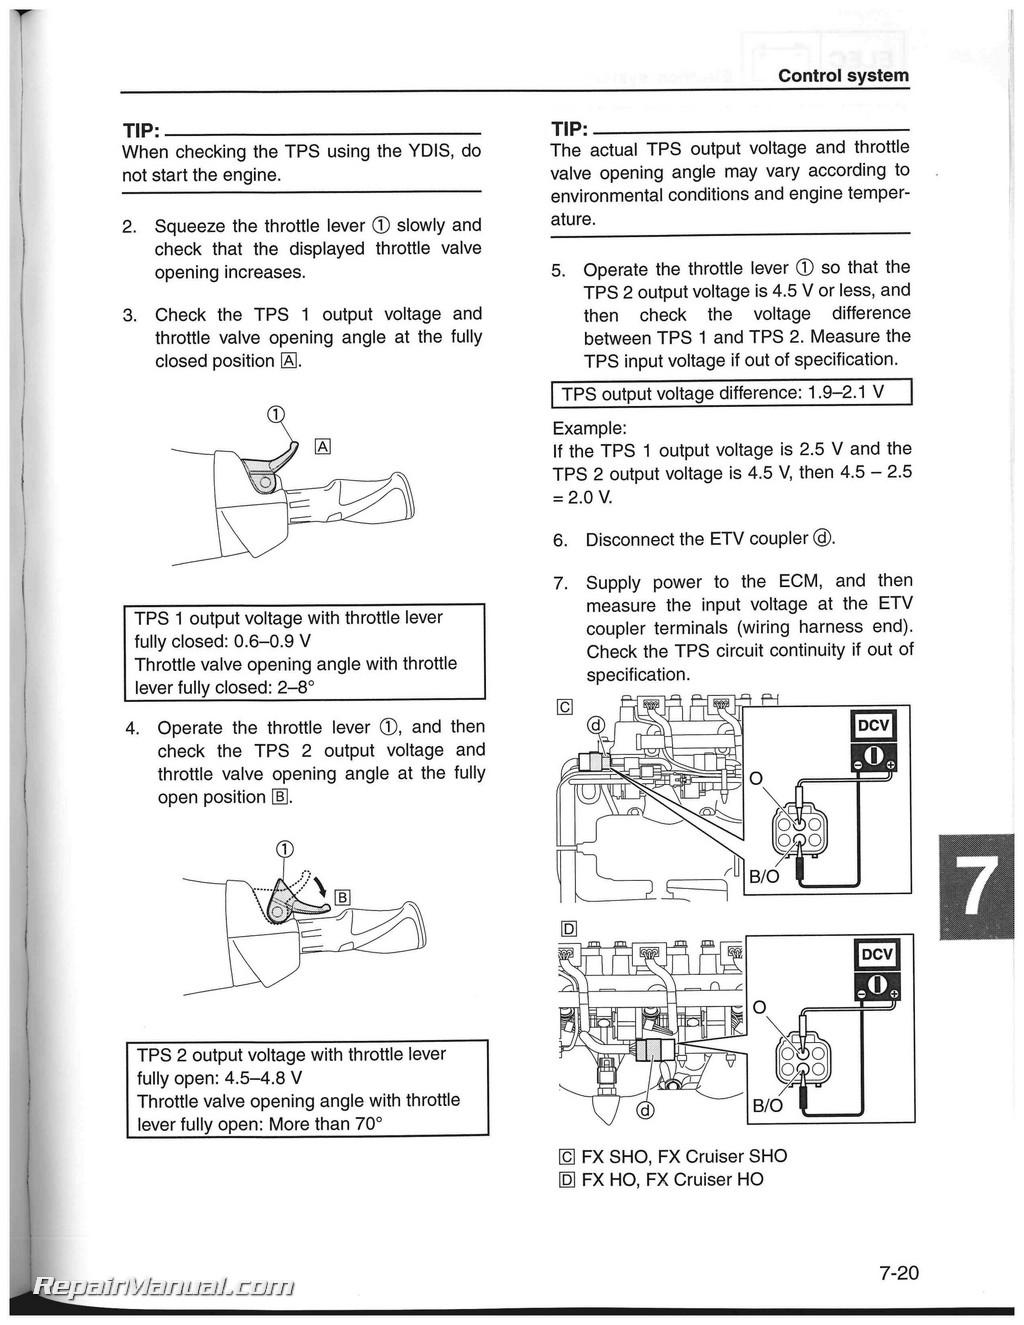 Yamaha 2013 Fx Ho Repair Manual